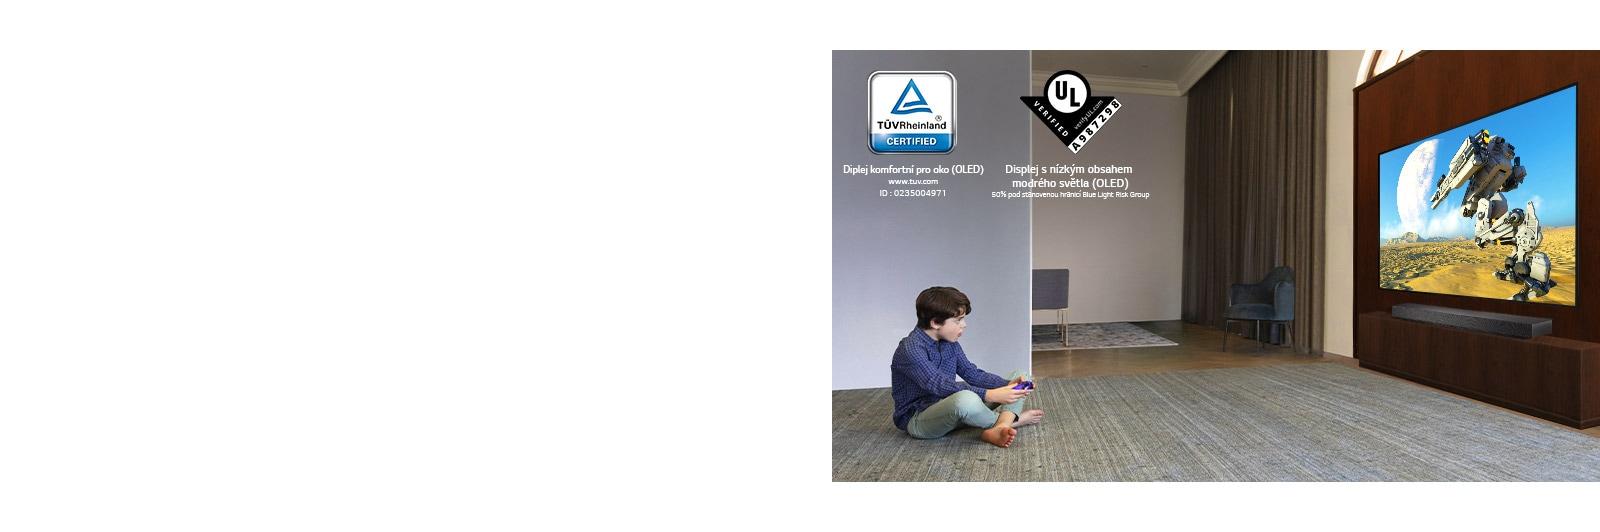 Dítě sedící na podlaze, které drží joystick ahraje hru na TV obrazovce